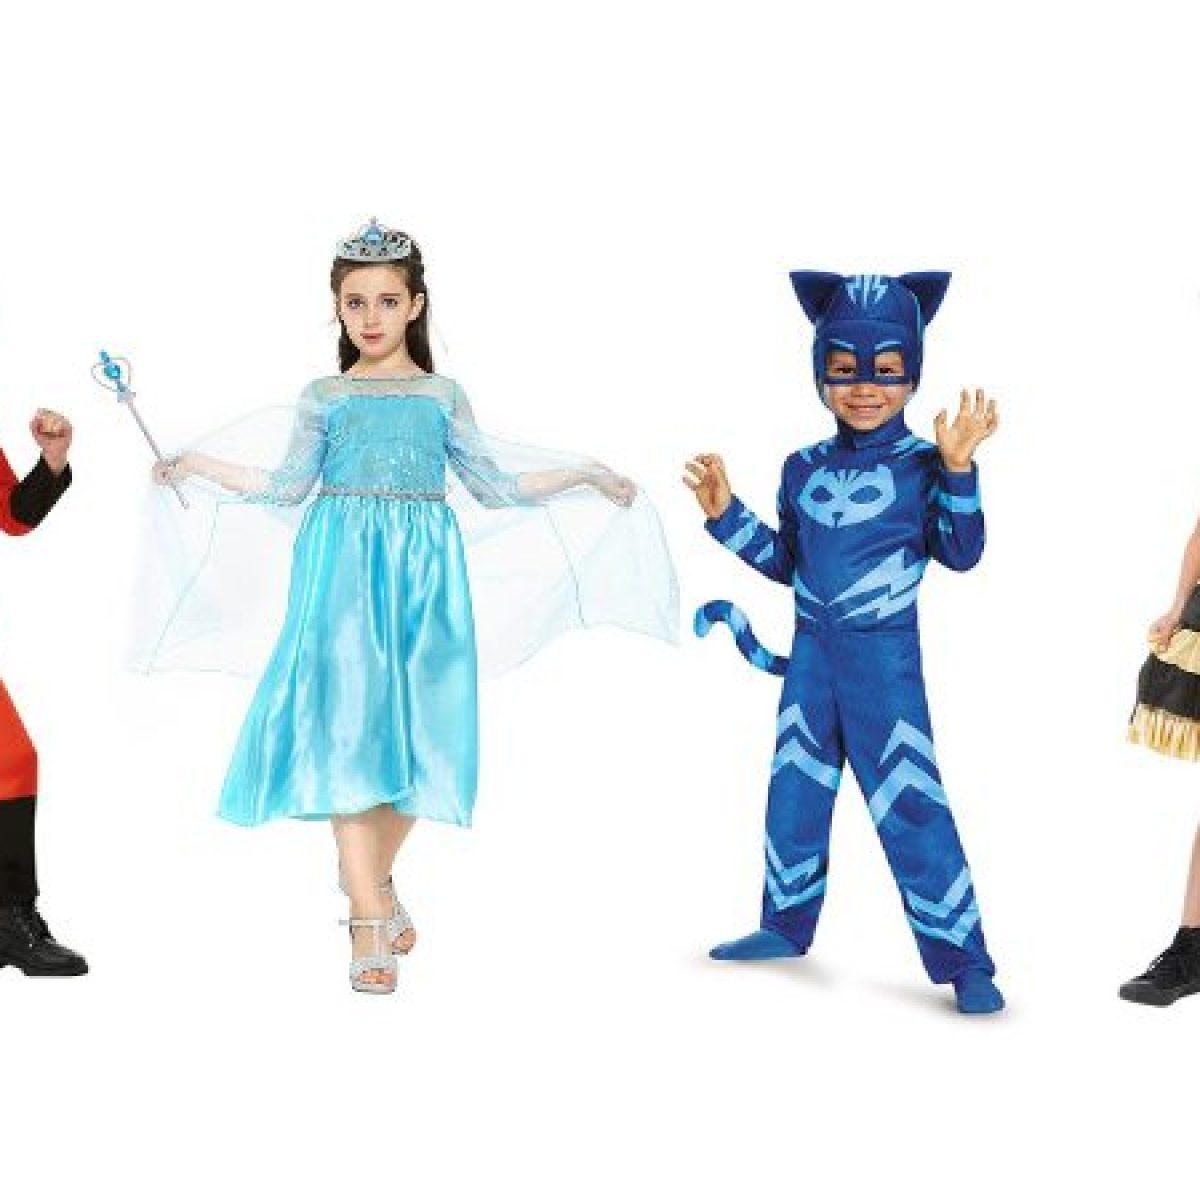 7997a771a3db Carnevale 2019: le novità dei costumi per bambini